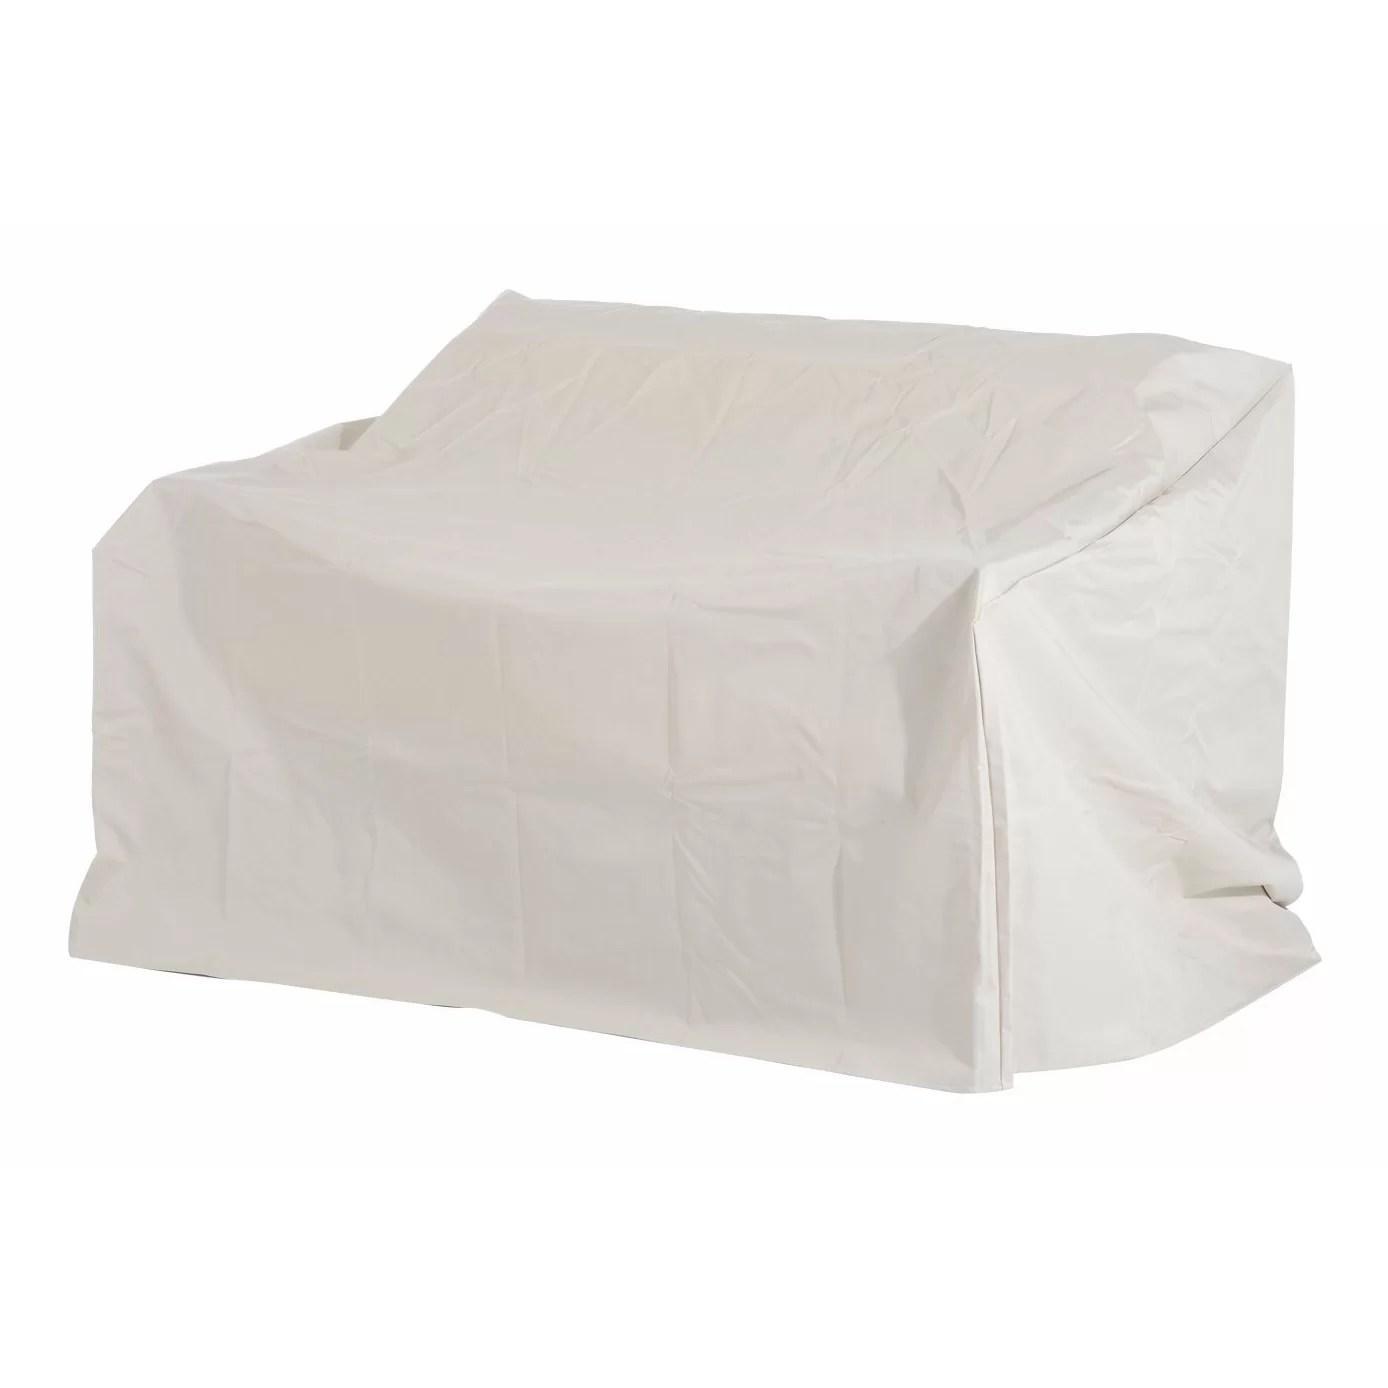 wayfair sofa covers dakota bed fantastic furniture outsunny cover uk